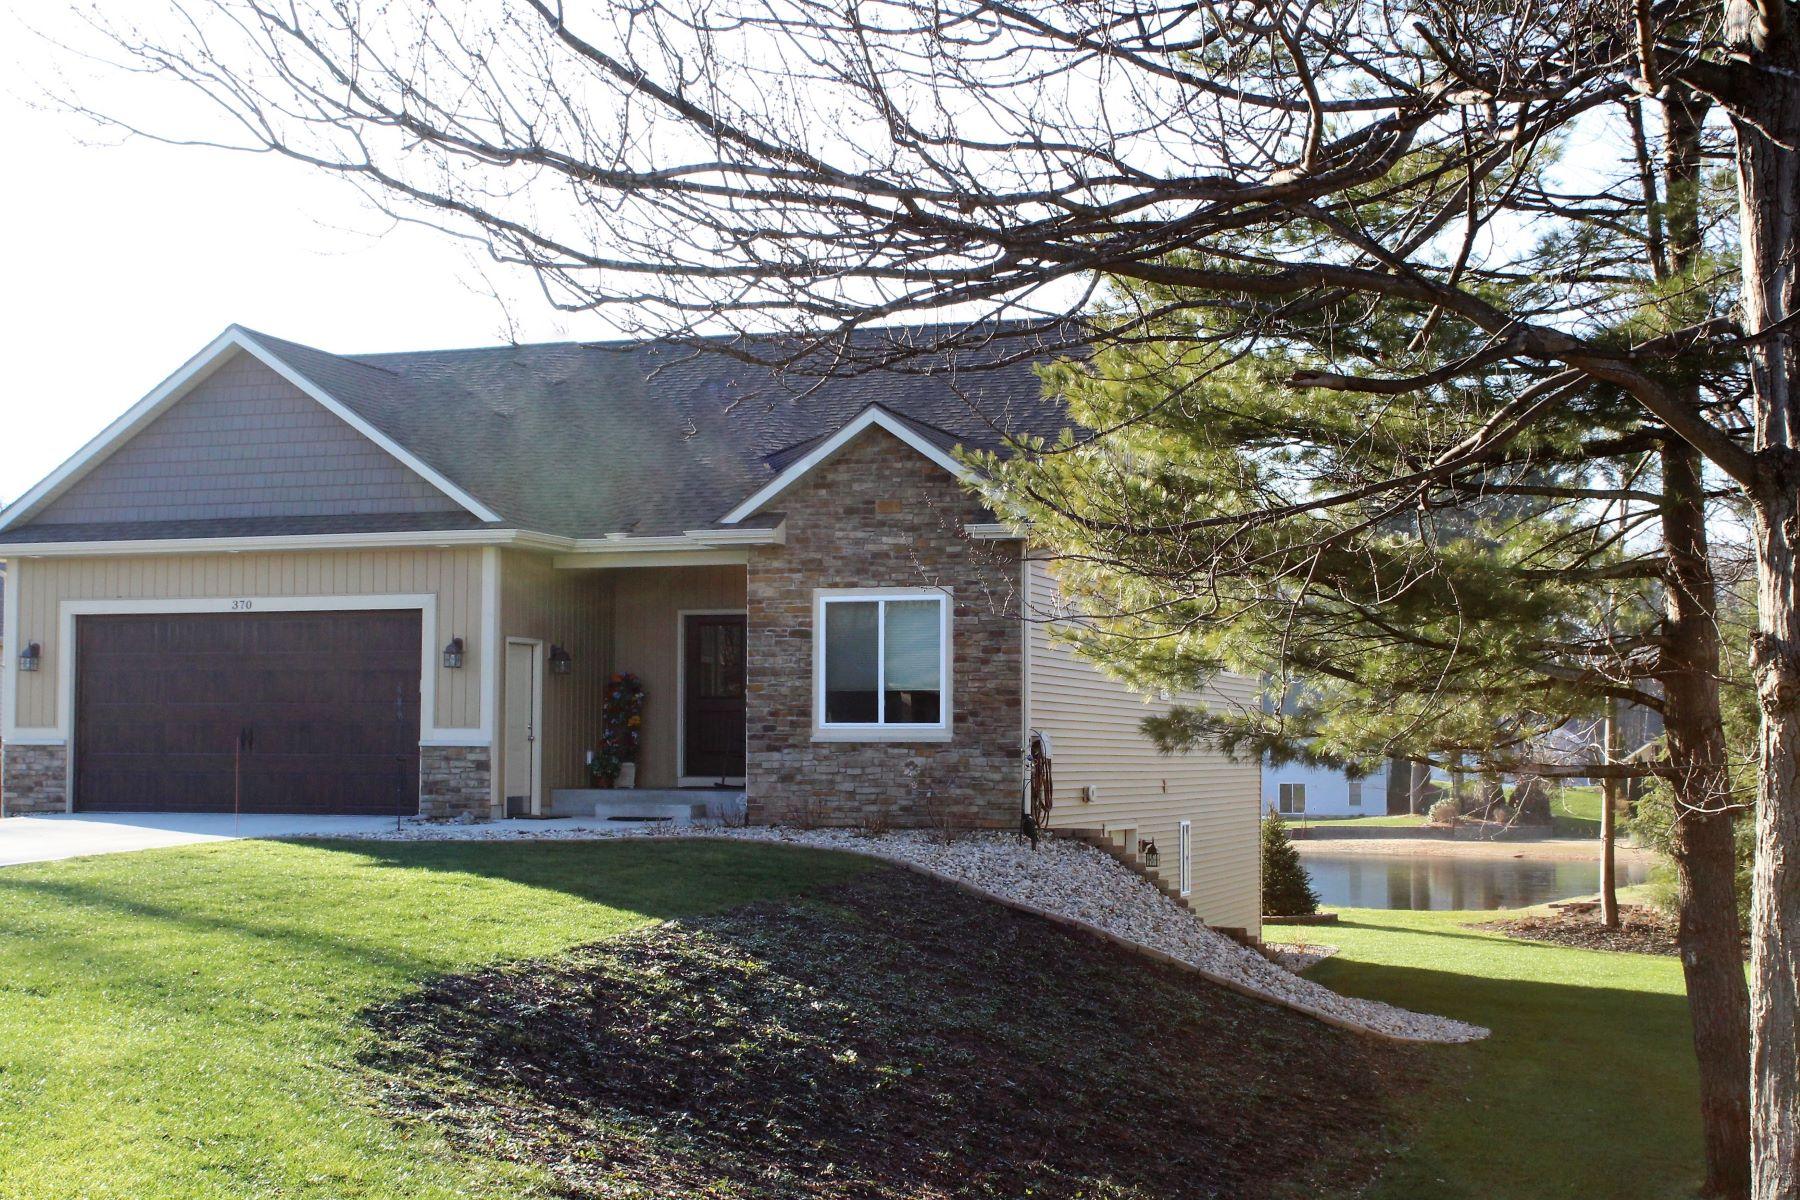 その他の住居 のために 売買 アット Secluded Life On The Lake 370 142nd Avenue Holland, ミシガン, 49424 アメリカ合衆国